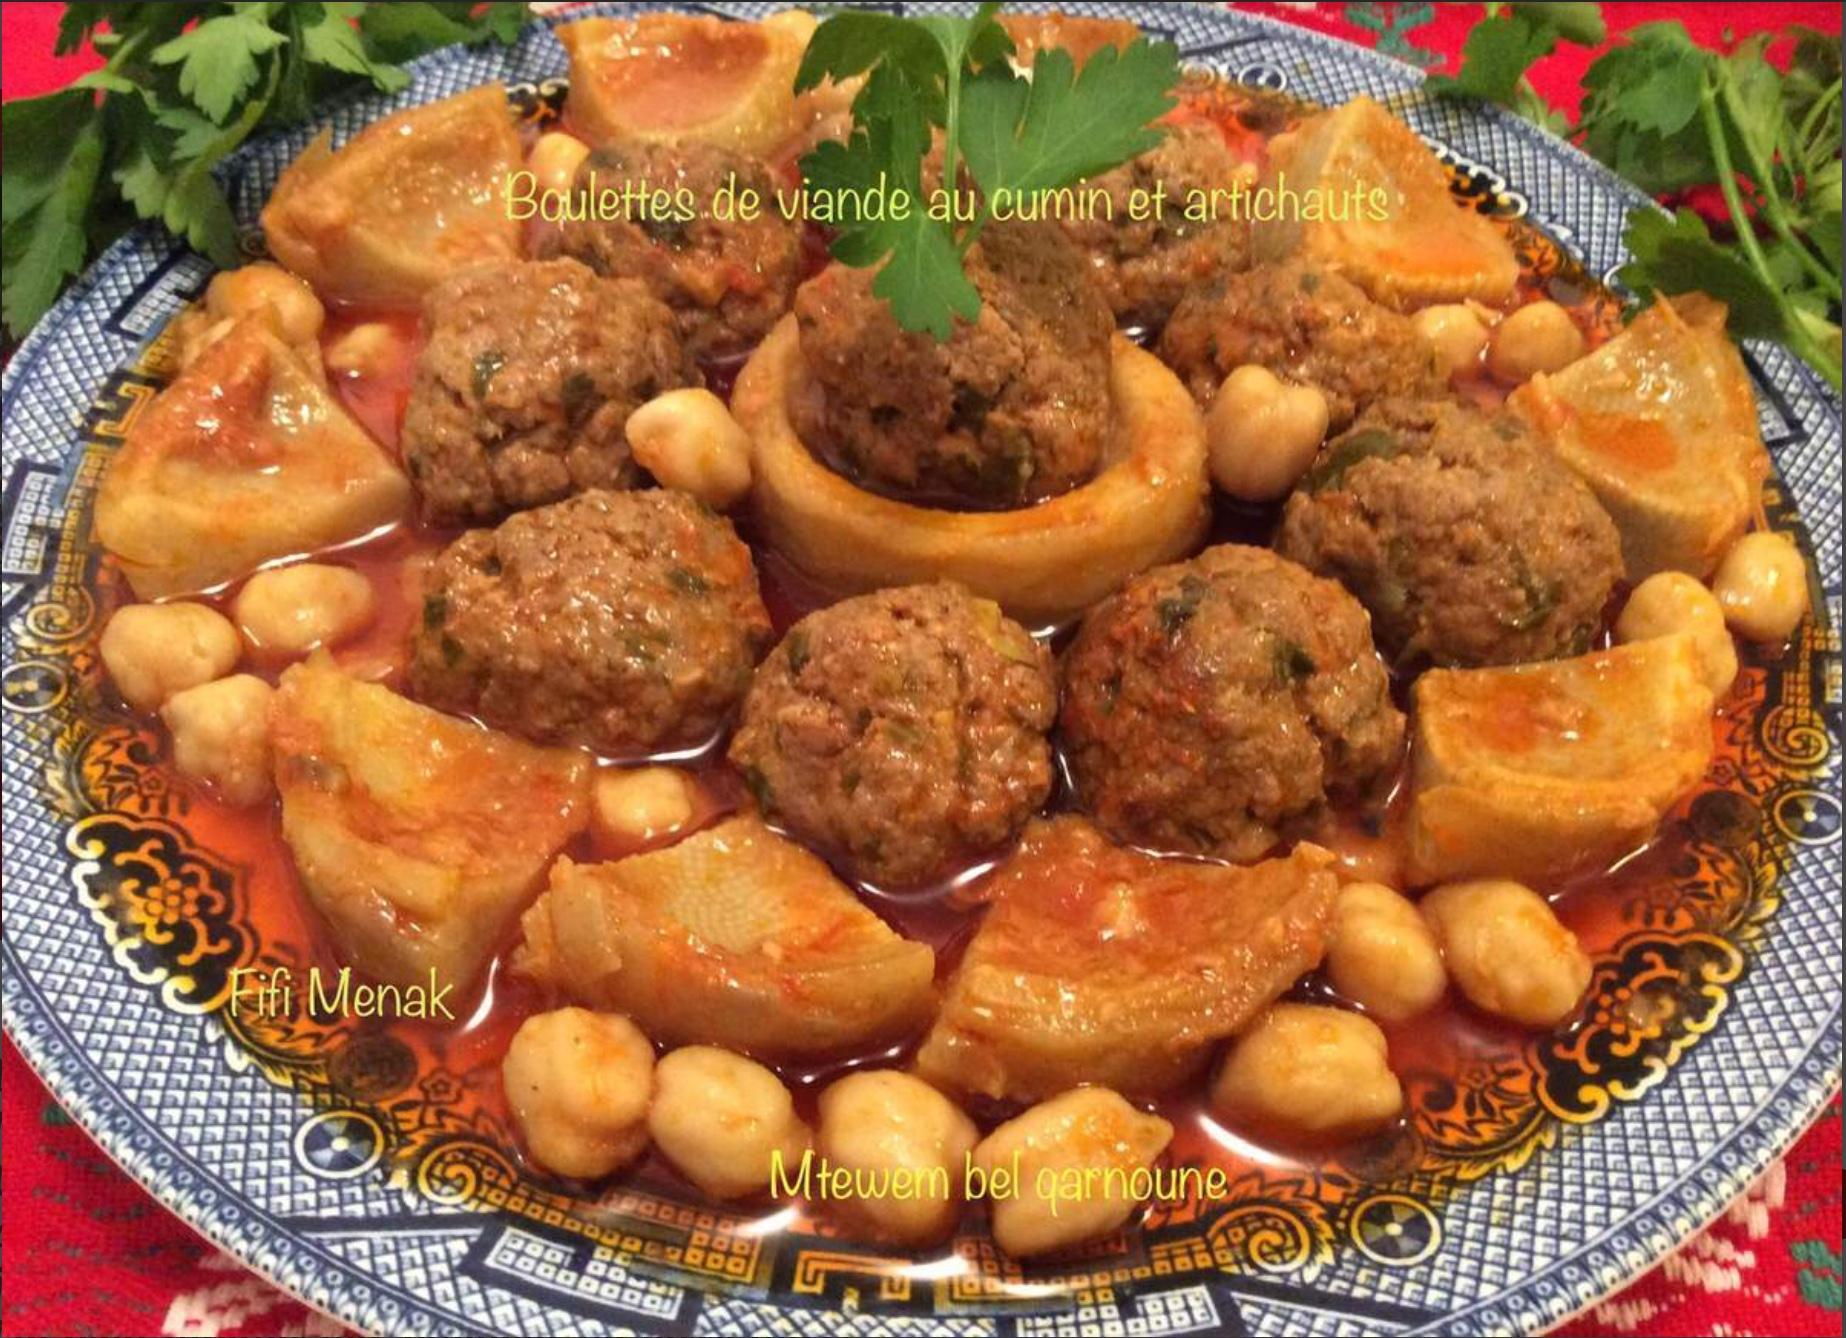 Boulettes de viande au cumin avec artichauts (Mtewem bel qarnoune)